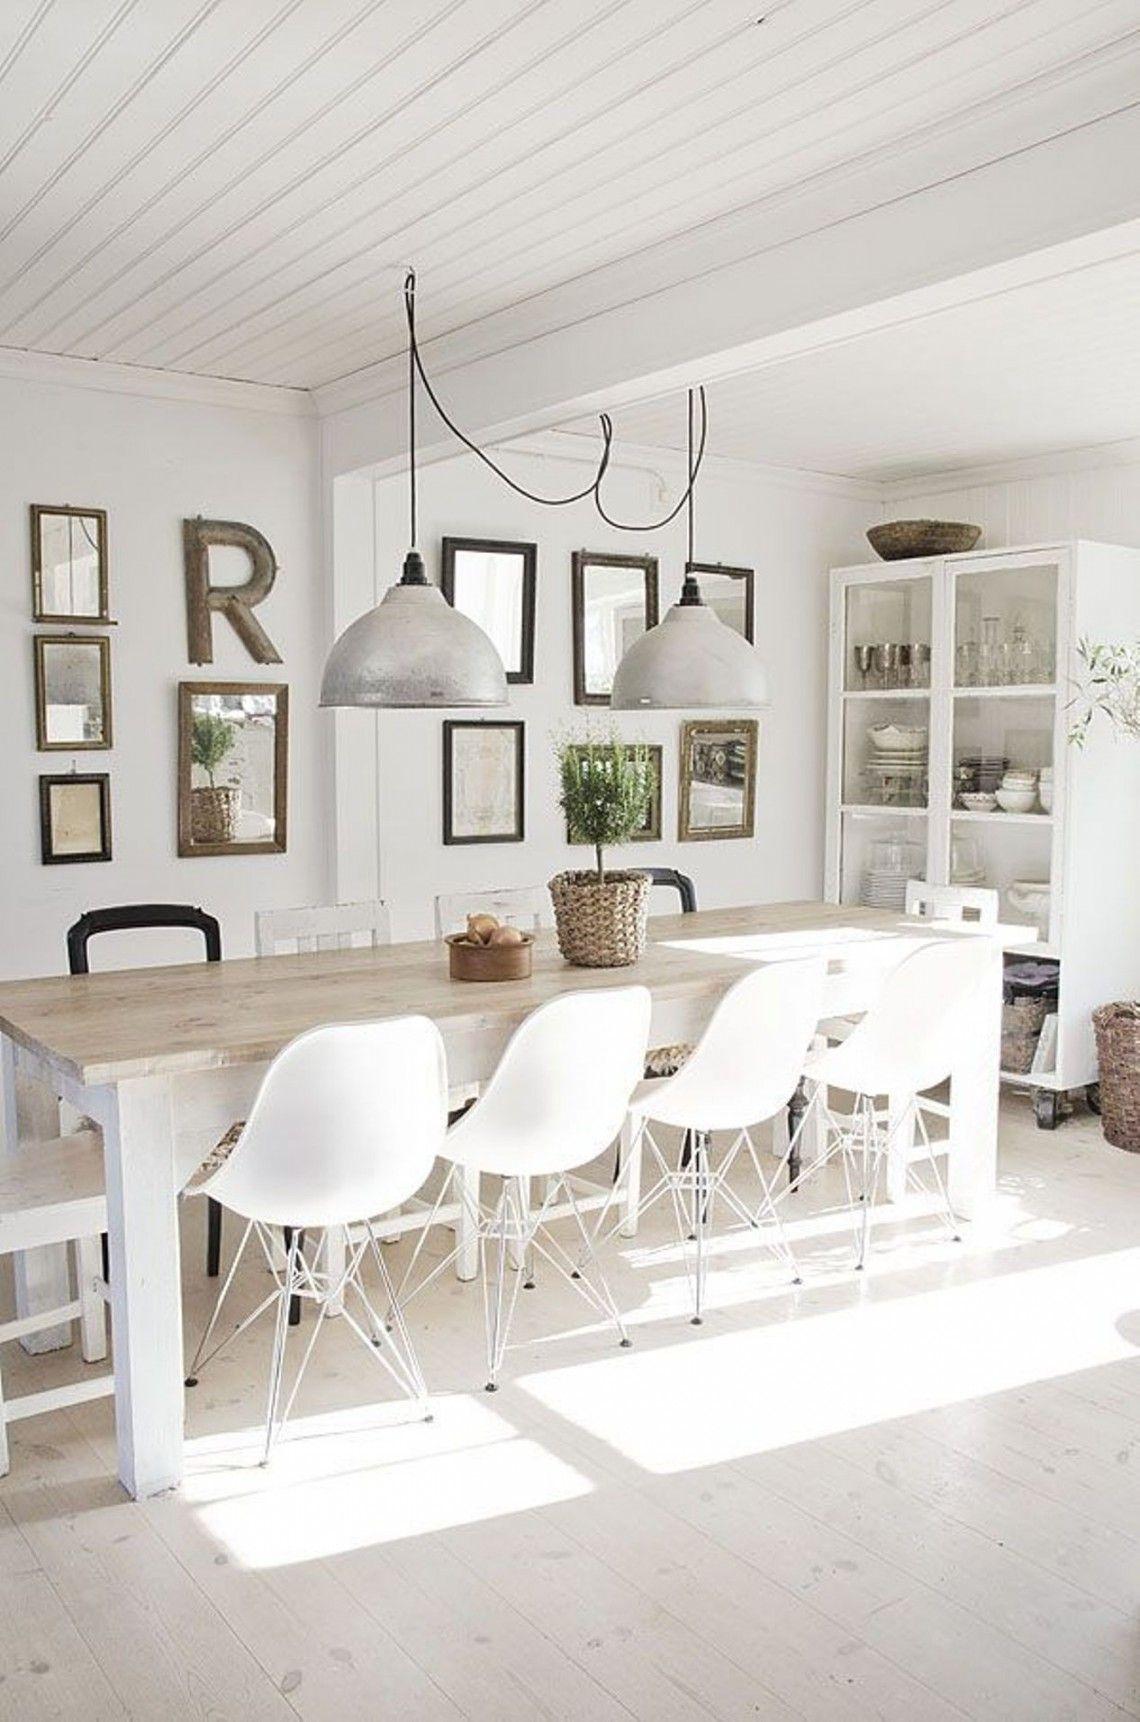 witte stoel met houten poten - Google zoeken - Interieur ideeën ...